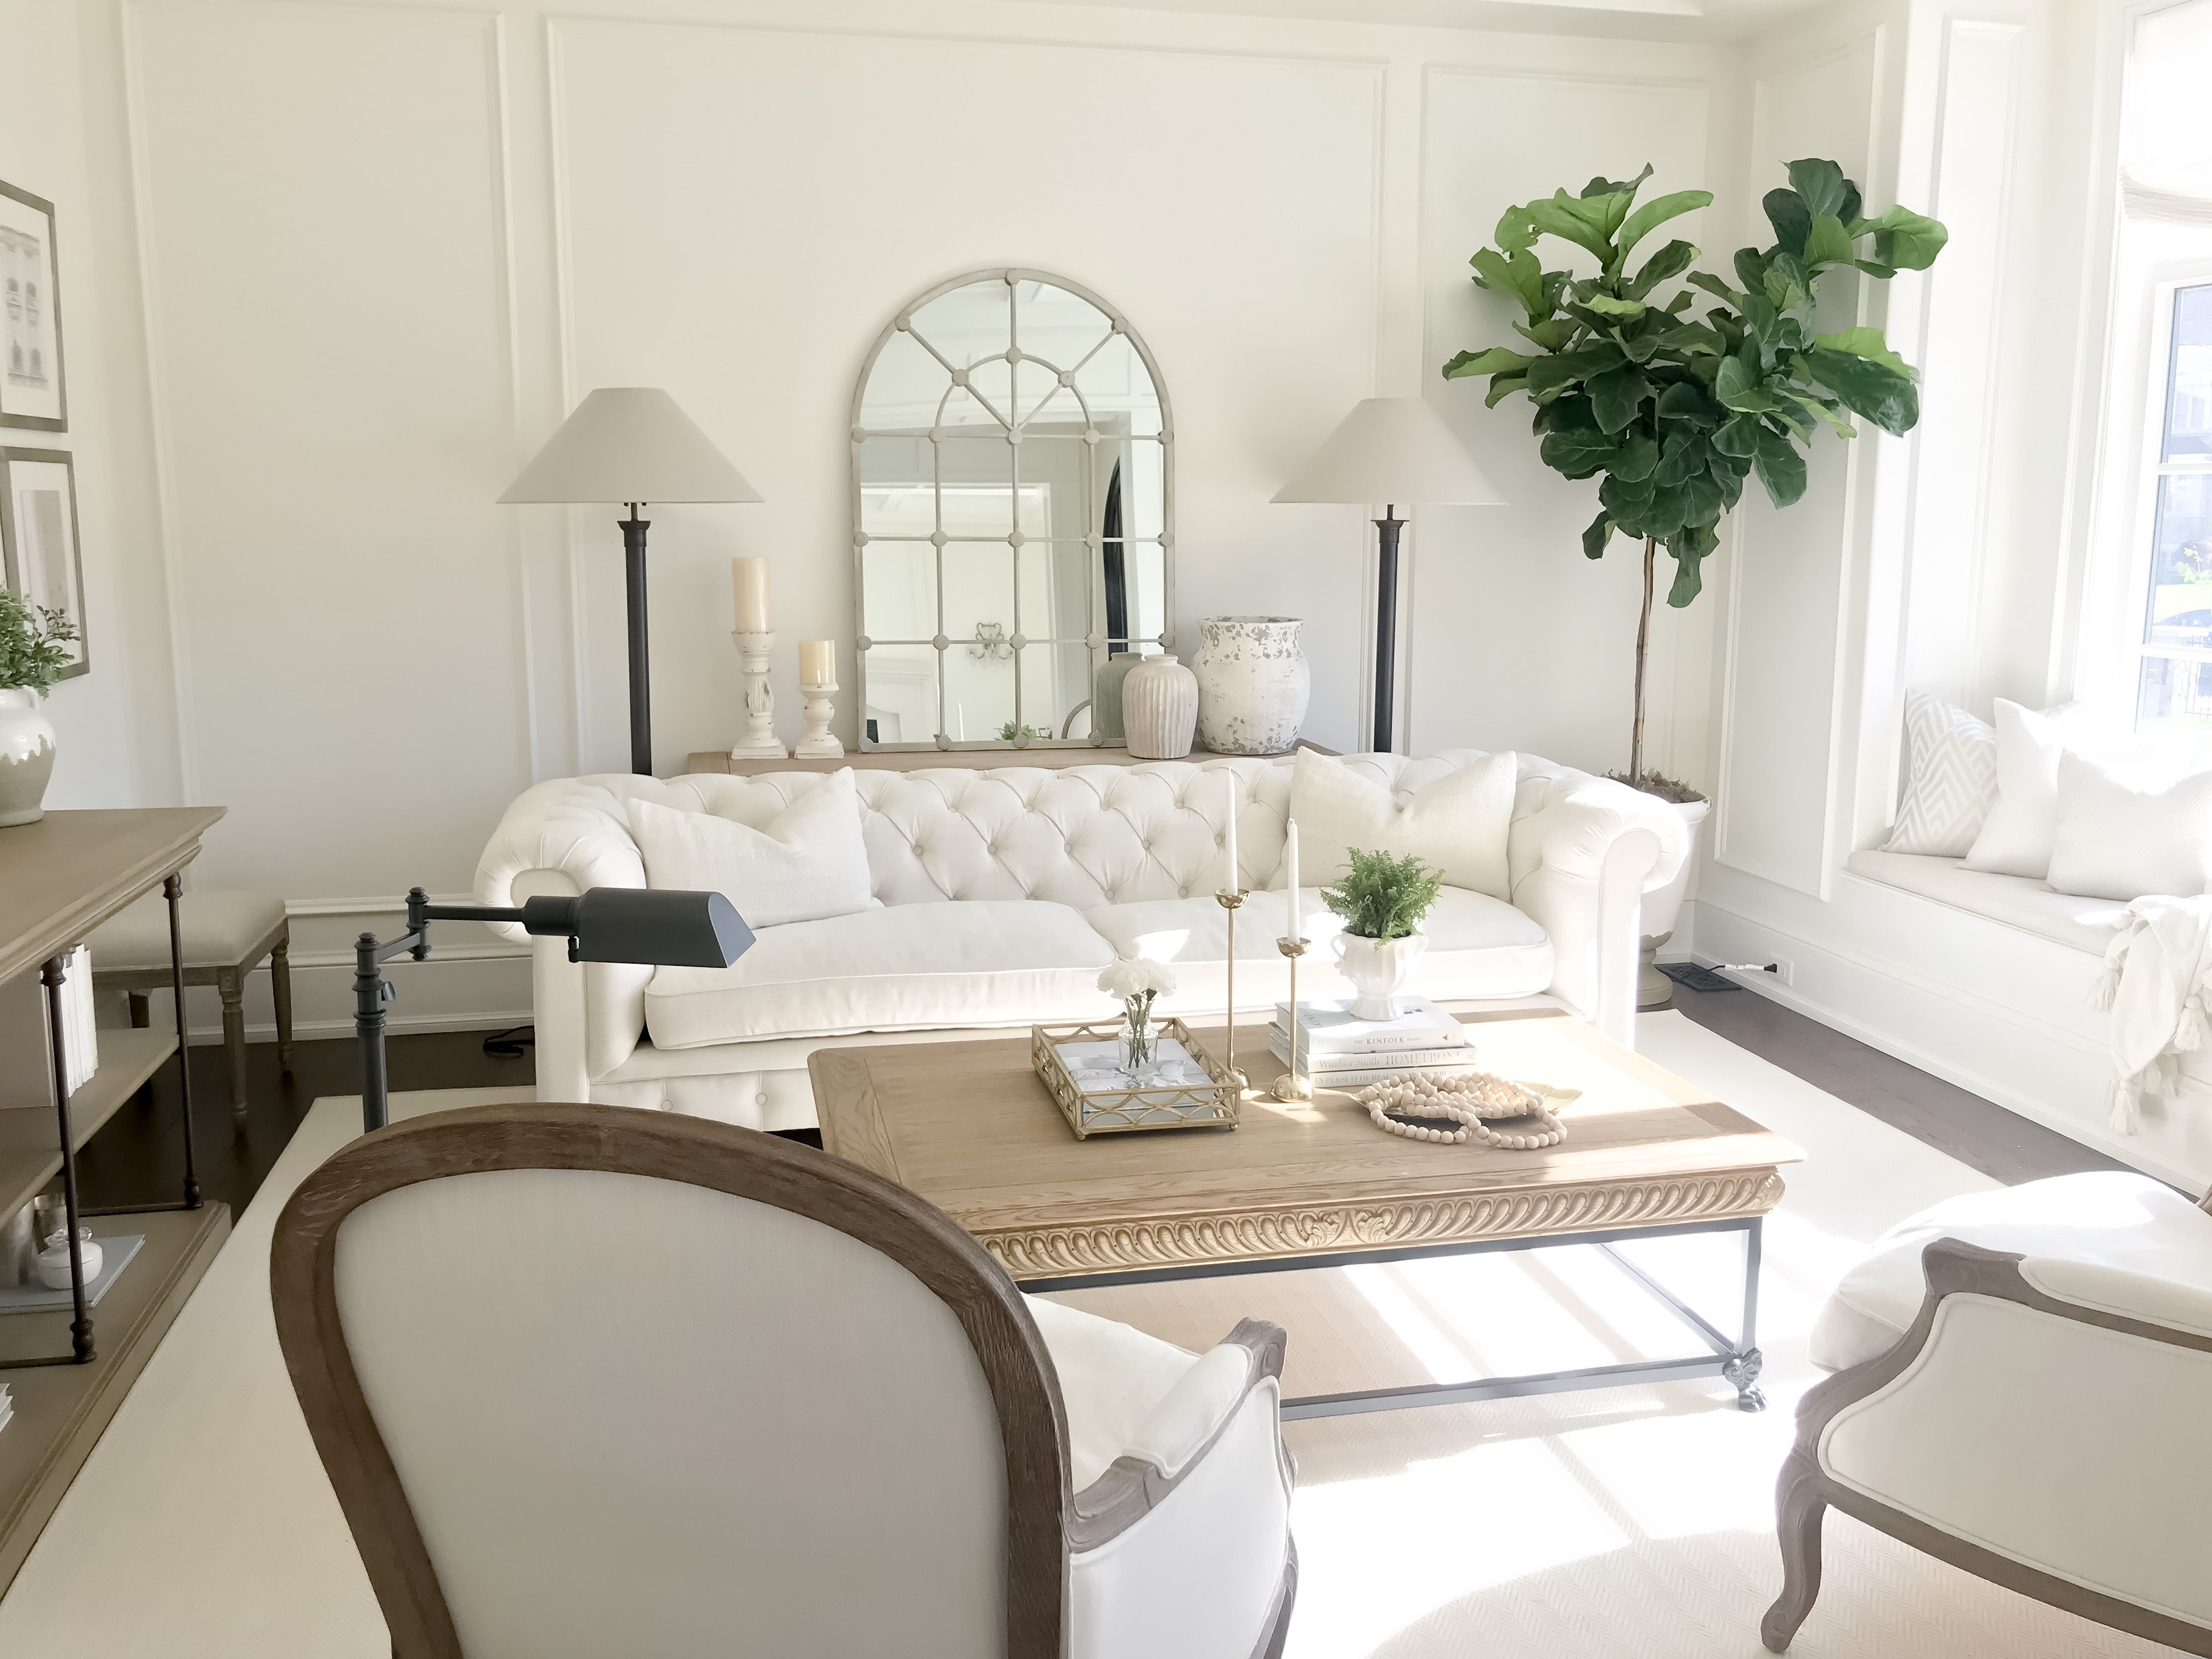 White Living Room Decor L Interior Design L Tufted Couch L